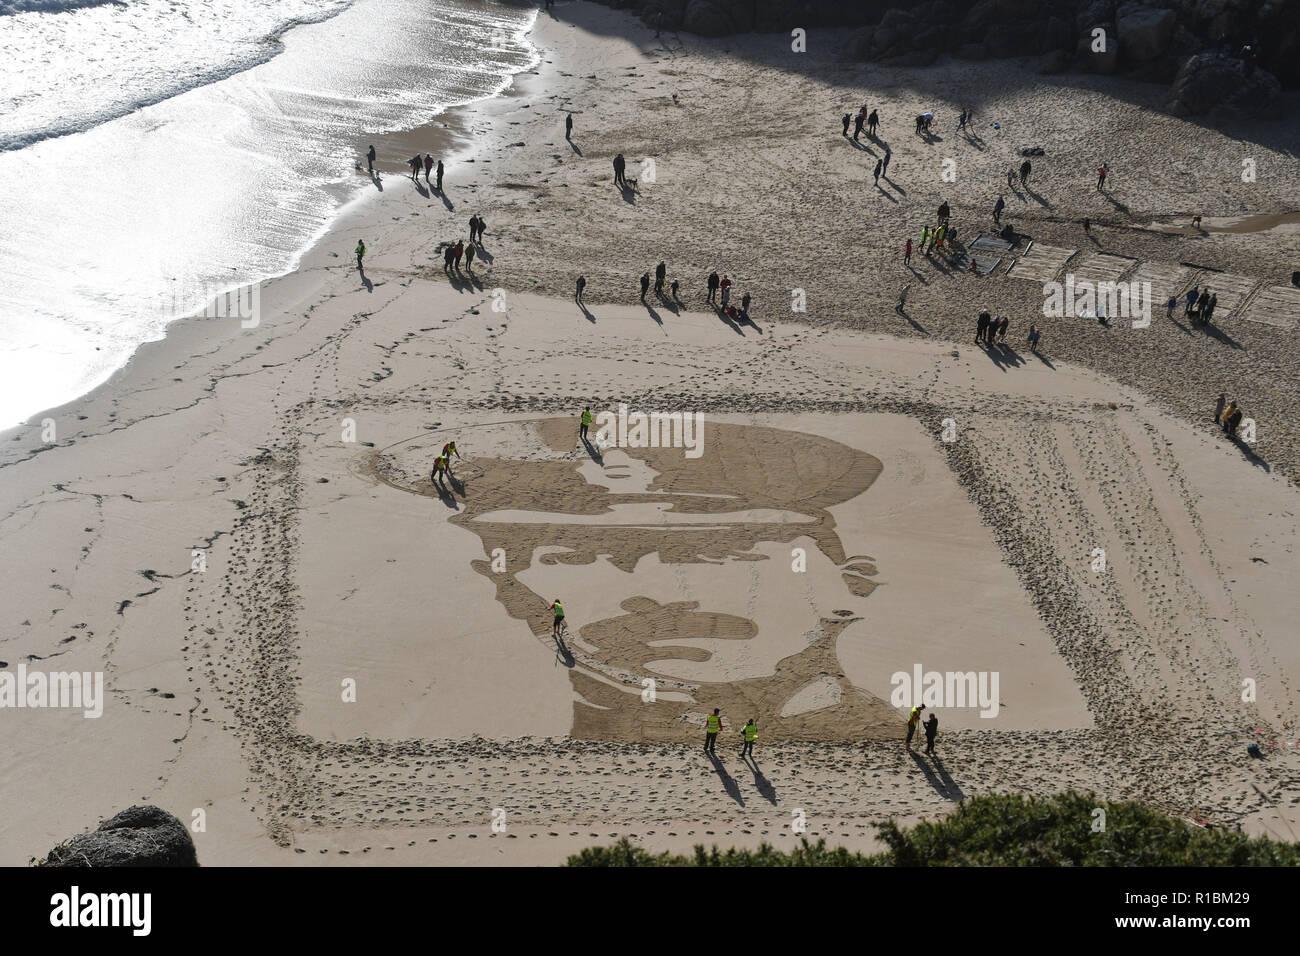 Porthcurno, Cornwall, UK. 11 Nov, 2018. Eine Giant Sand Bilder war am Strand im Porthcurno heute gemacht. Es war Teil der 14-18 Jetzt kunst Kommissionen. Dieses Bild depects RICHARD CHARLES GRÄBER - SAWLE Coldstream Guards Alter: 26 TODESTAG: 02.11.1914, Sohn von konteradmiral Sir Charles Graves-Sawle, 4 Bart, und Lady Graves-Sawle, 60, Queen's Gate, London; Ehemann von Muriel Heaton-Ellis (jetzt Frau A.L.C. Cavendish). Foto: Simon Maycock/Alamy leben Nachrichten Stockfoto